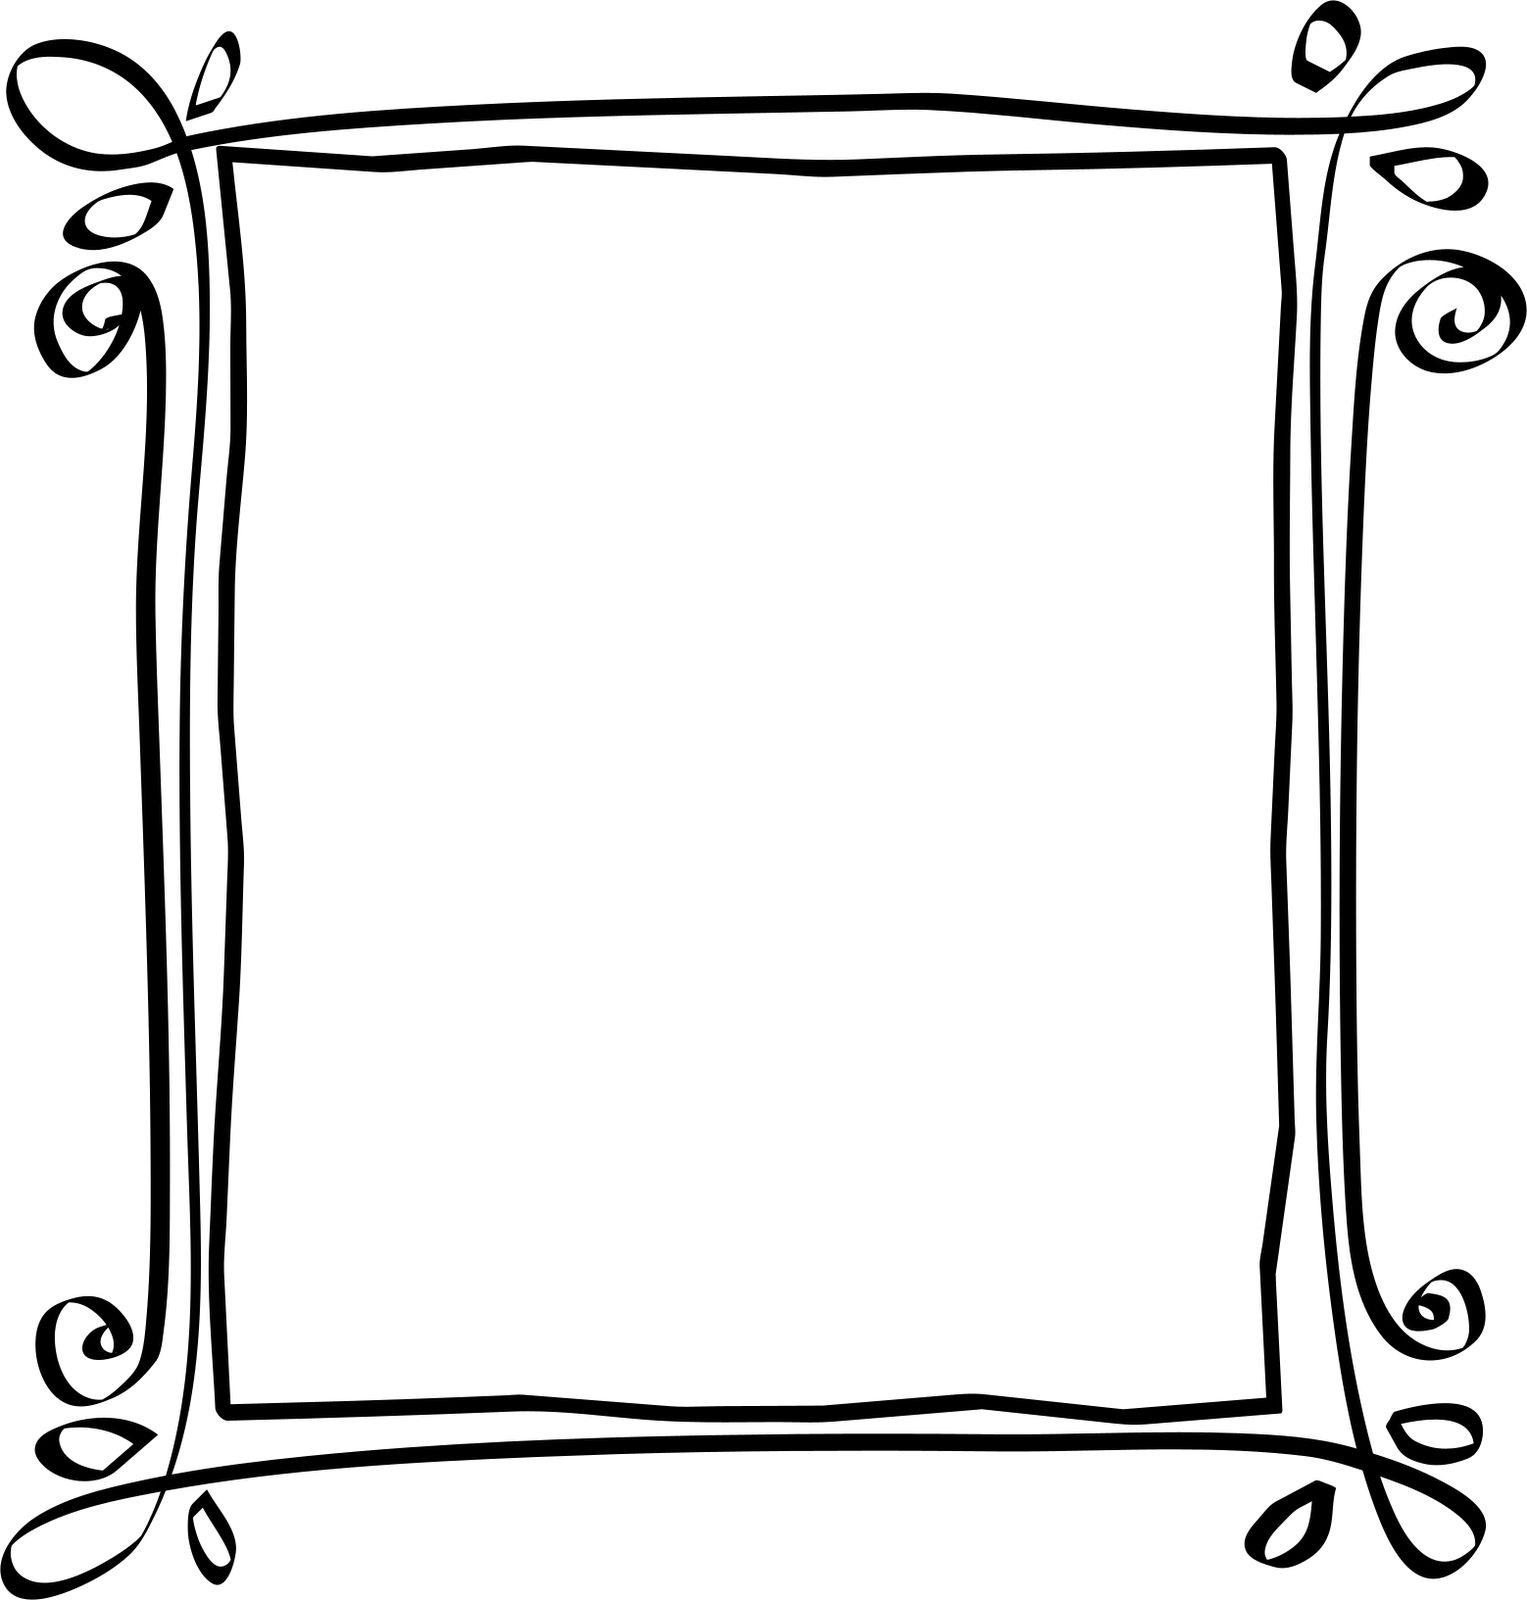 I Want To Be Myself Lidia Ok Scrapbook Frames Doodle Frames Drawing Frames